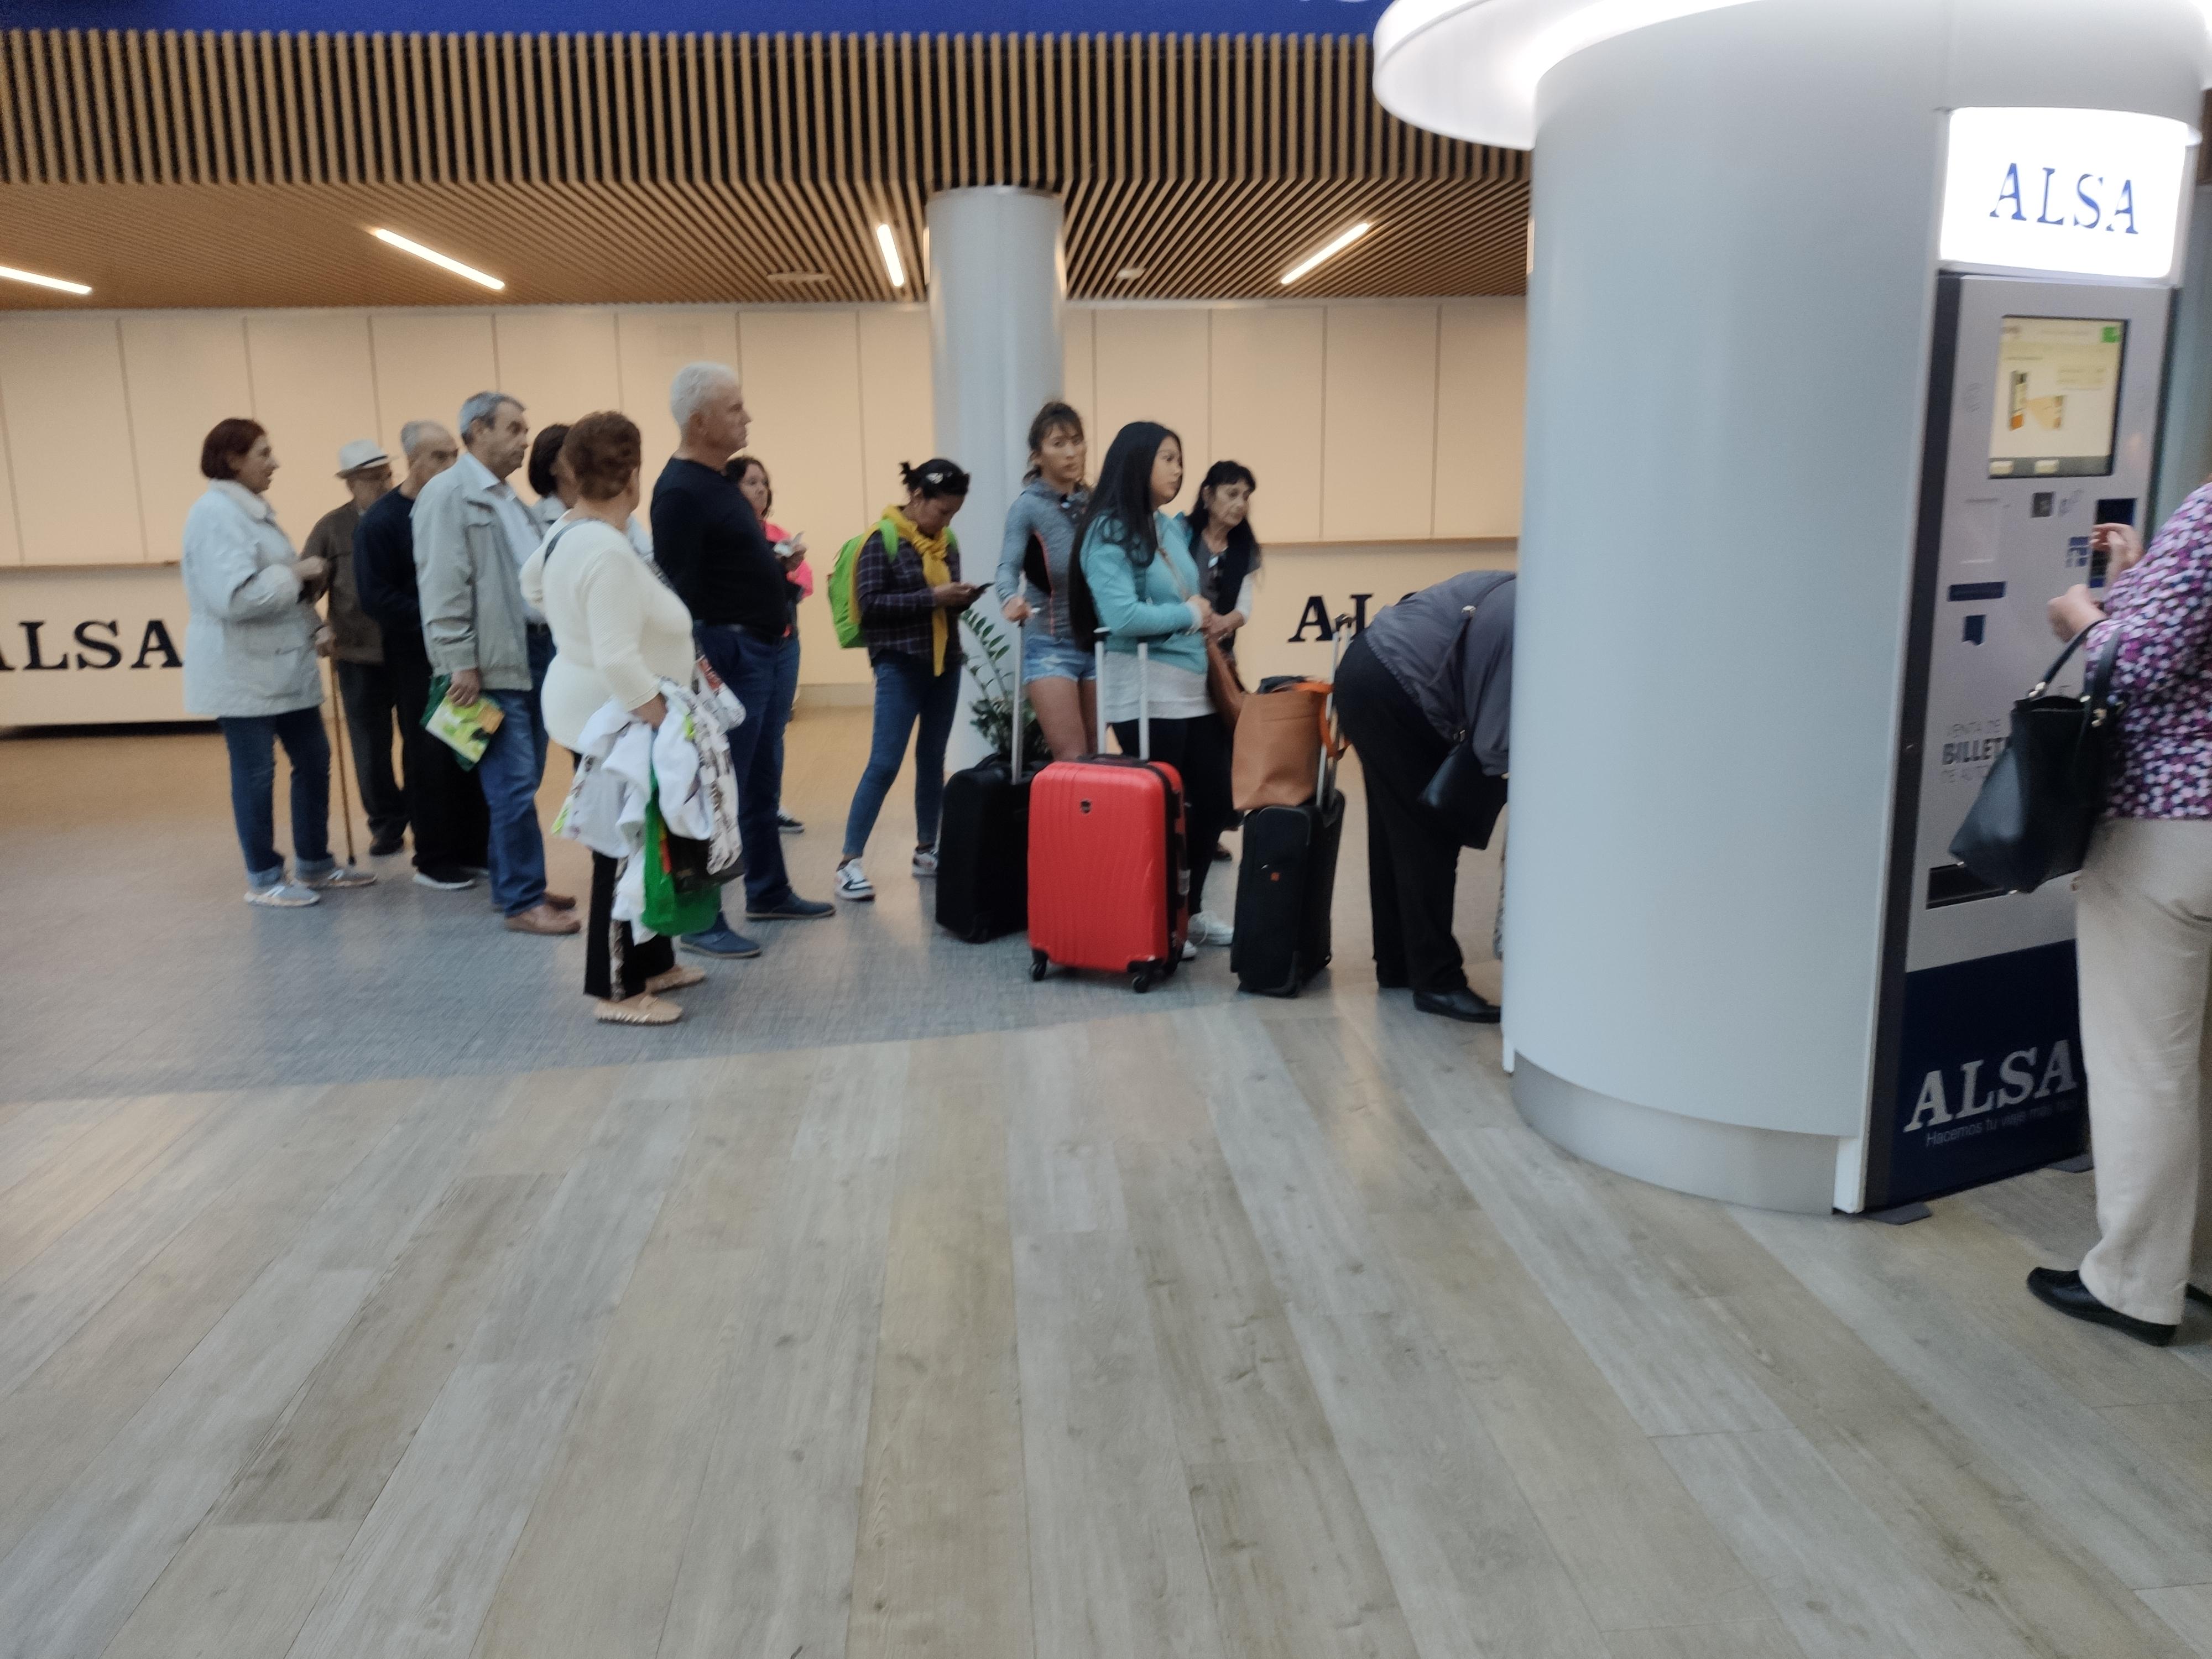 FACUA Granada reclama al Ayuntamiento que solvente las «graves deficiencias» de la estación de autobuses